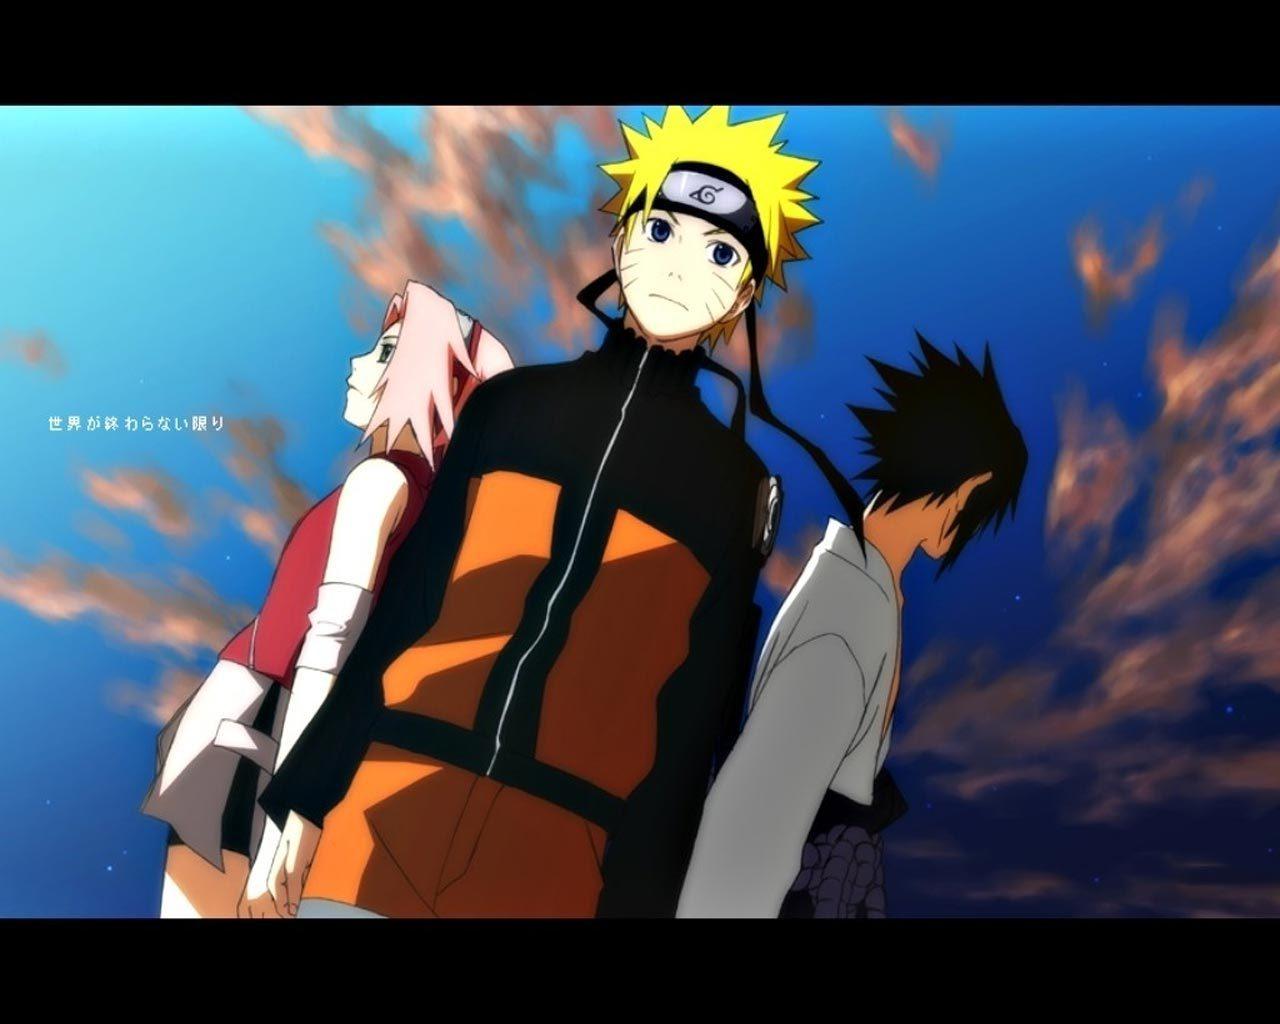 Naruto , Sakura and Sasuke - Naruto Shippuuden Wallpaper ... Naruto And Sakura And Sasuke